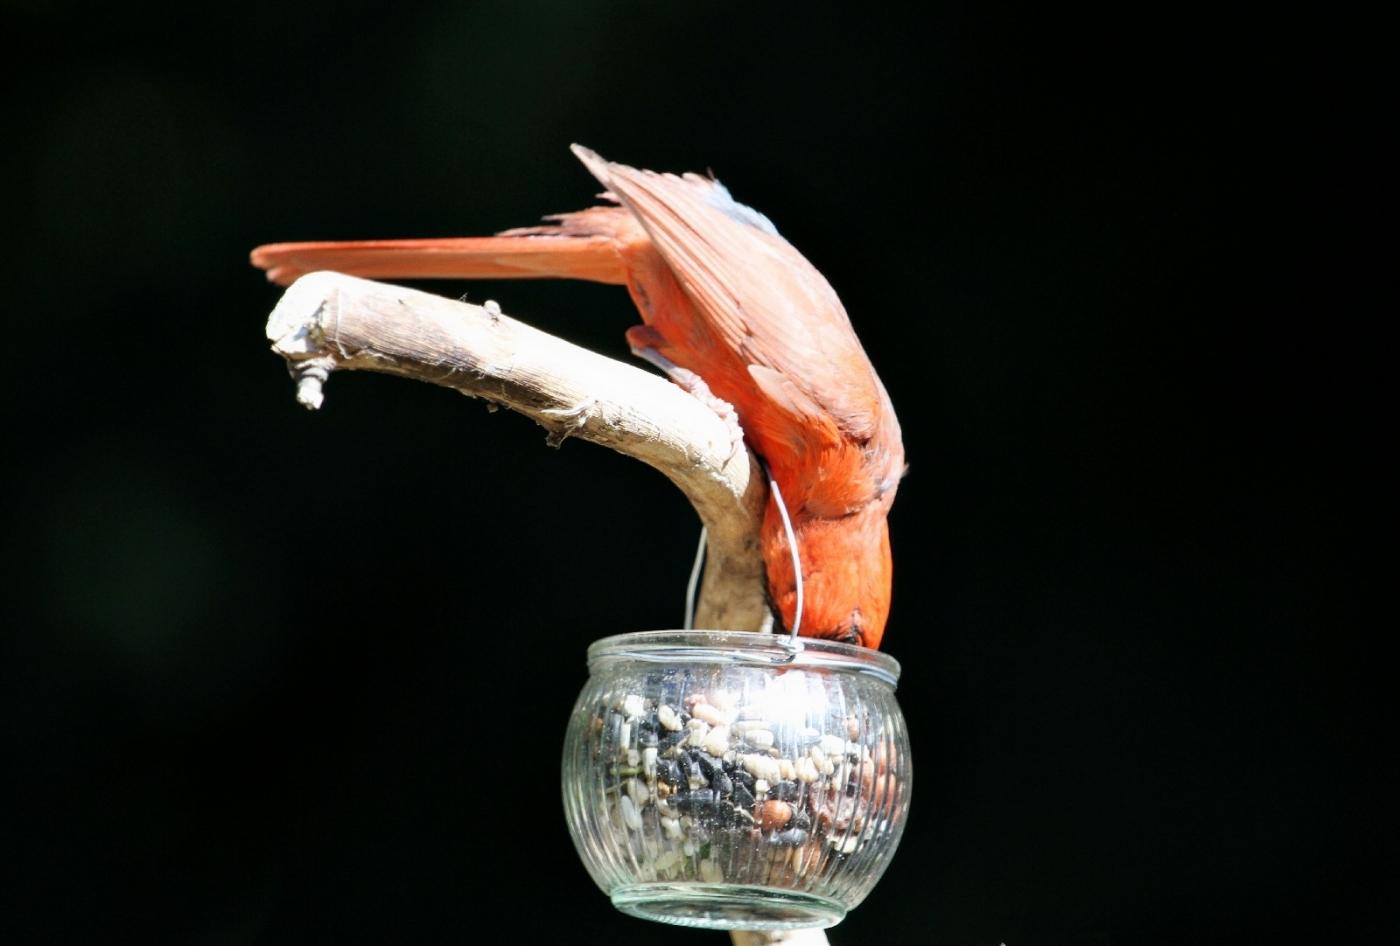 【田螺摄影】做个漂亮的喂鸟器更吸引红衣主教_图1-4